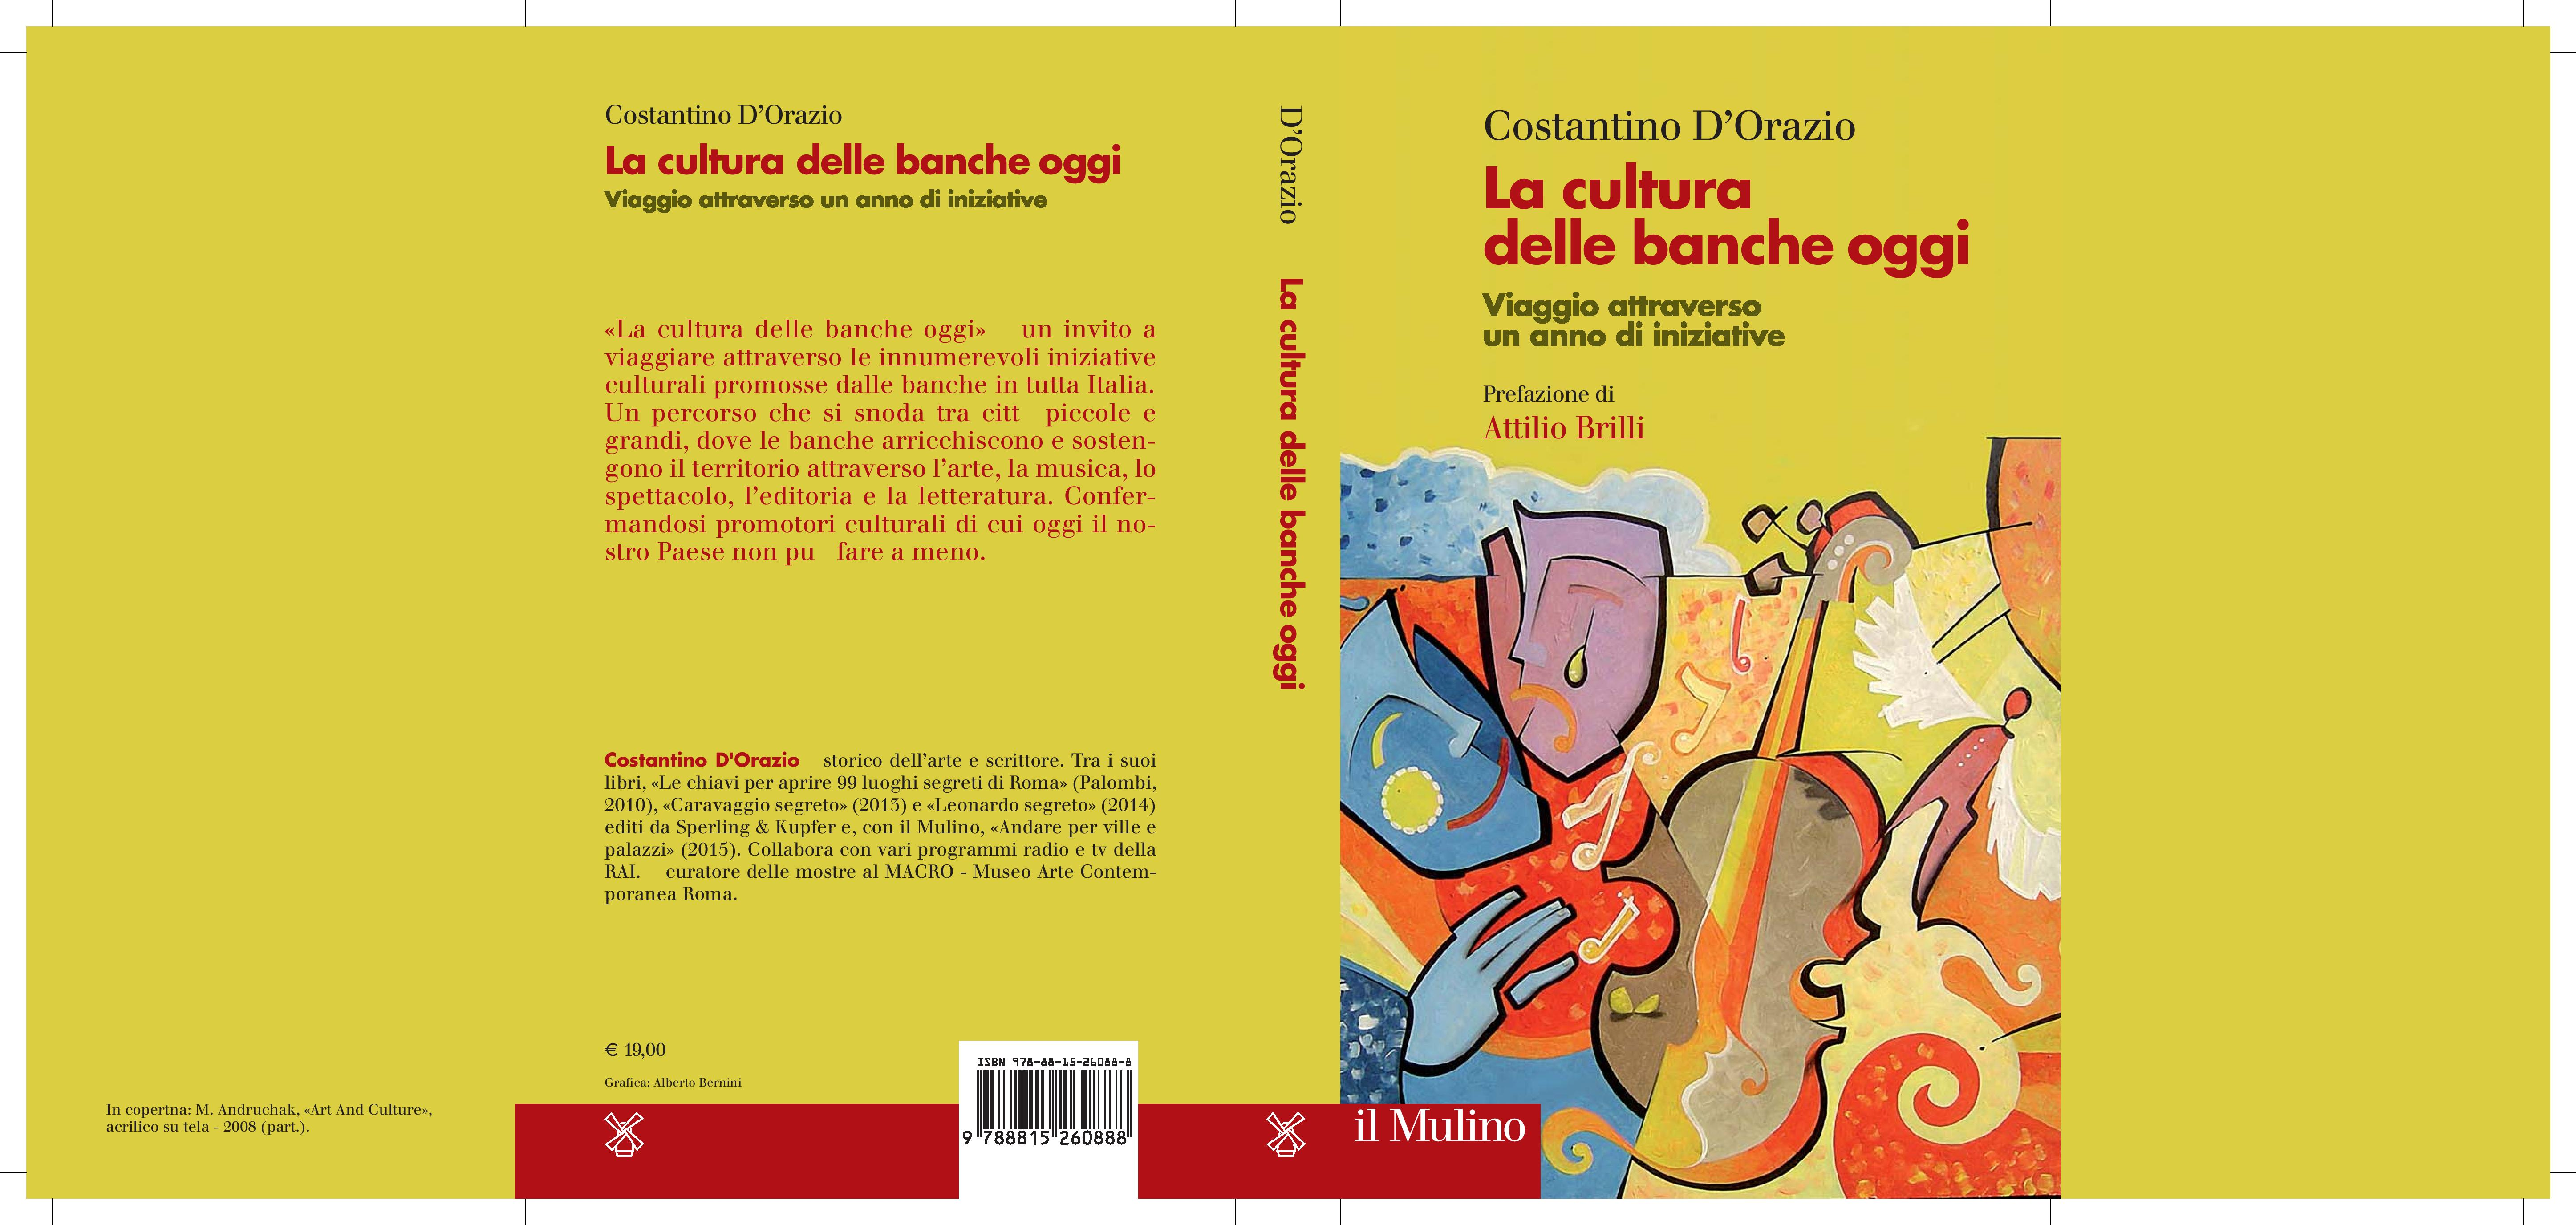 00_La_cultura_delle_banche_oggi_CopertinaLibro